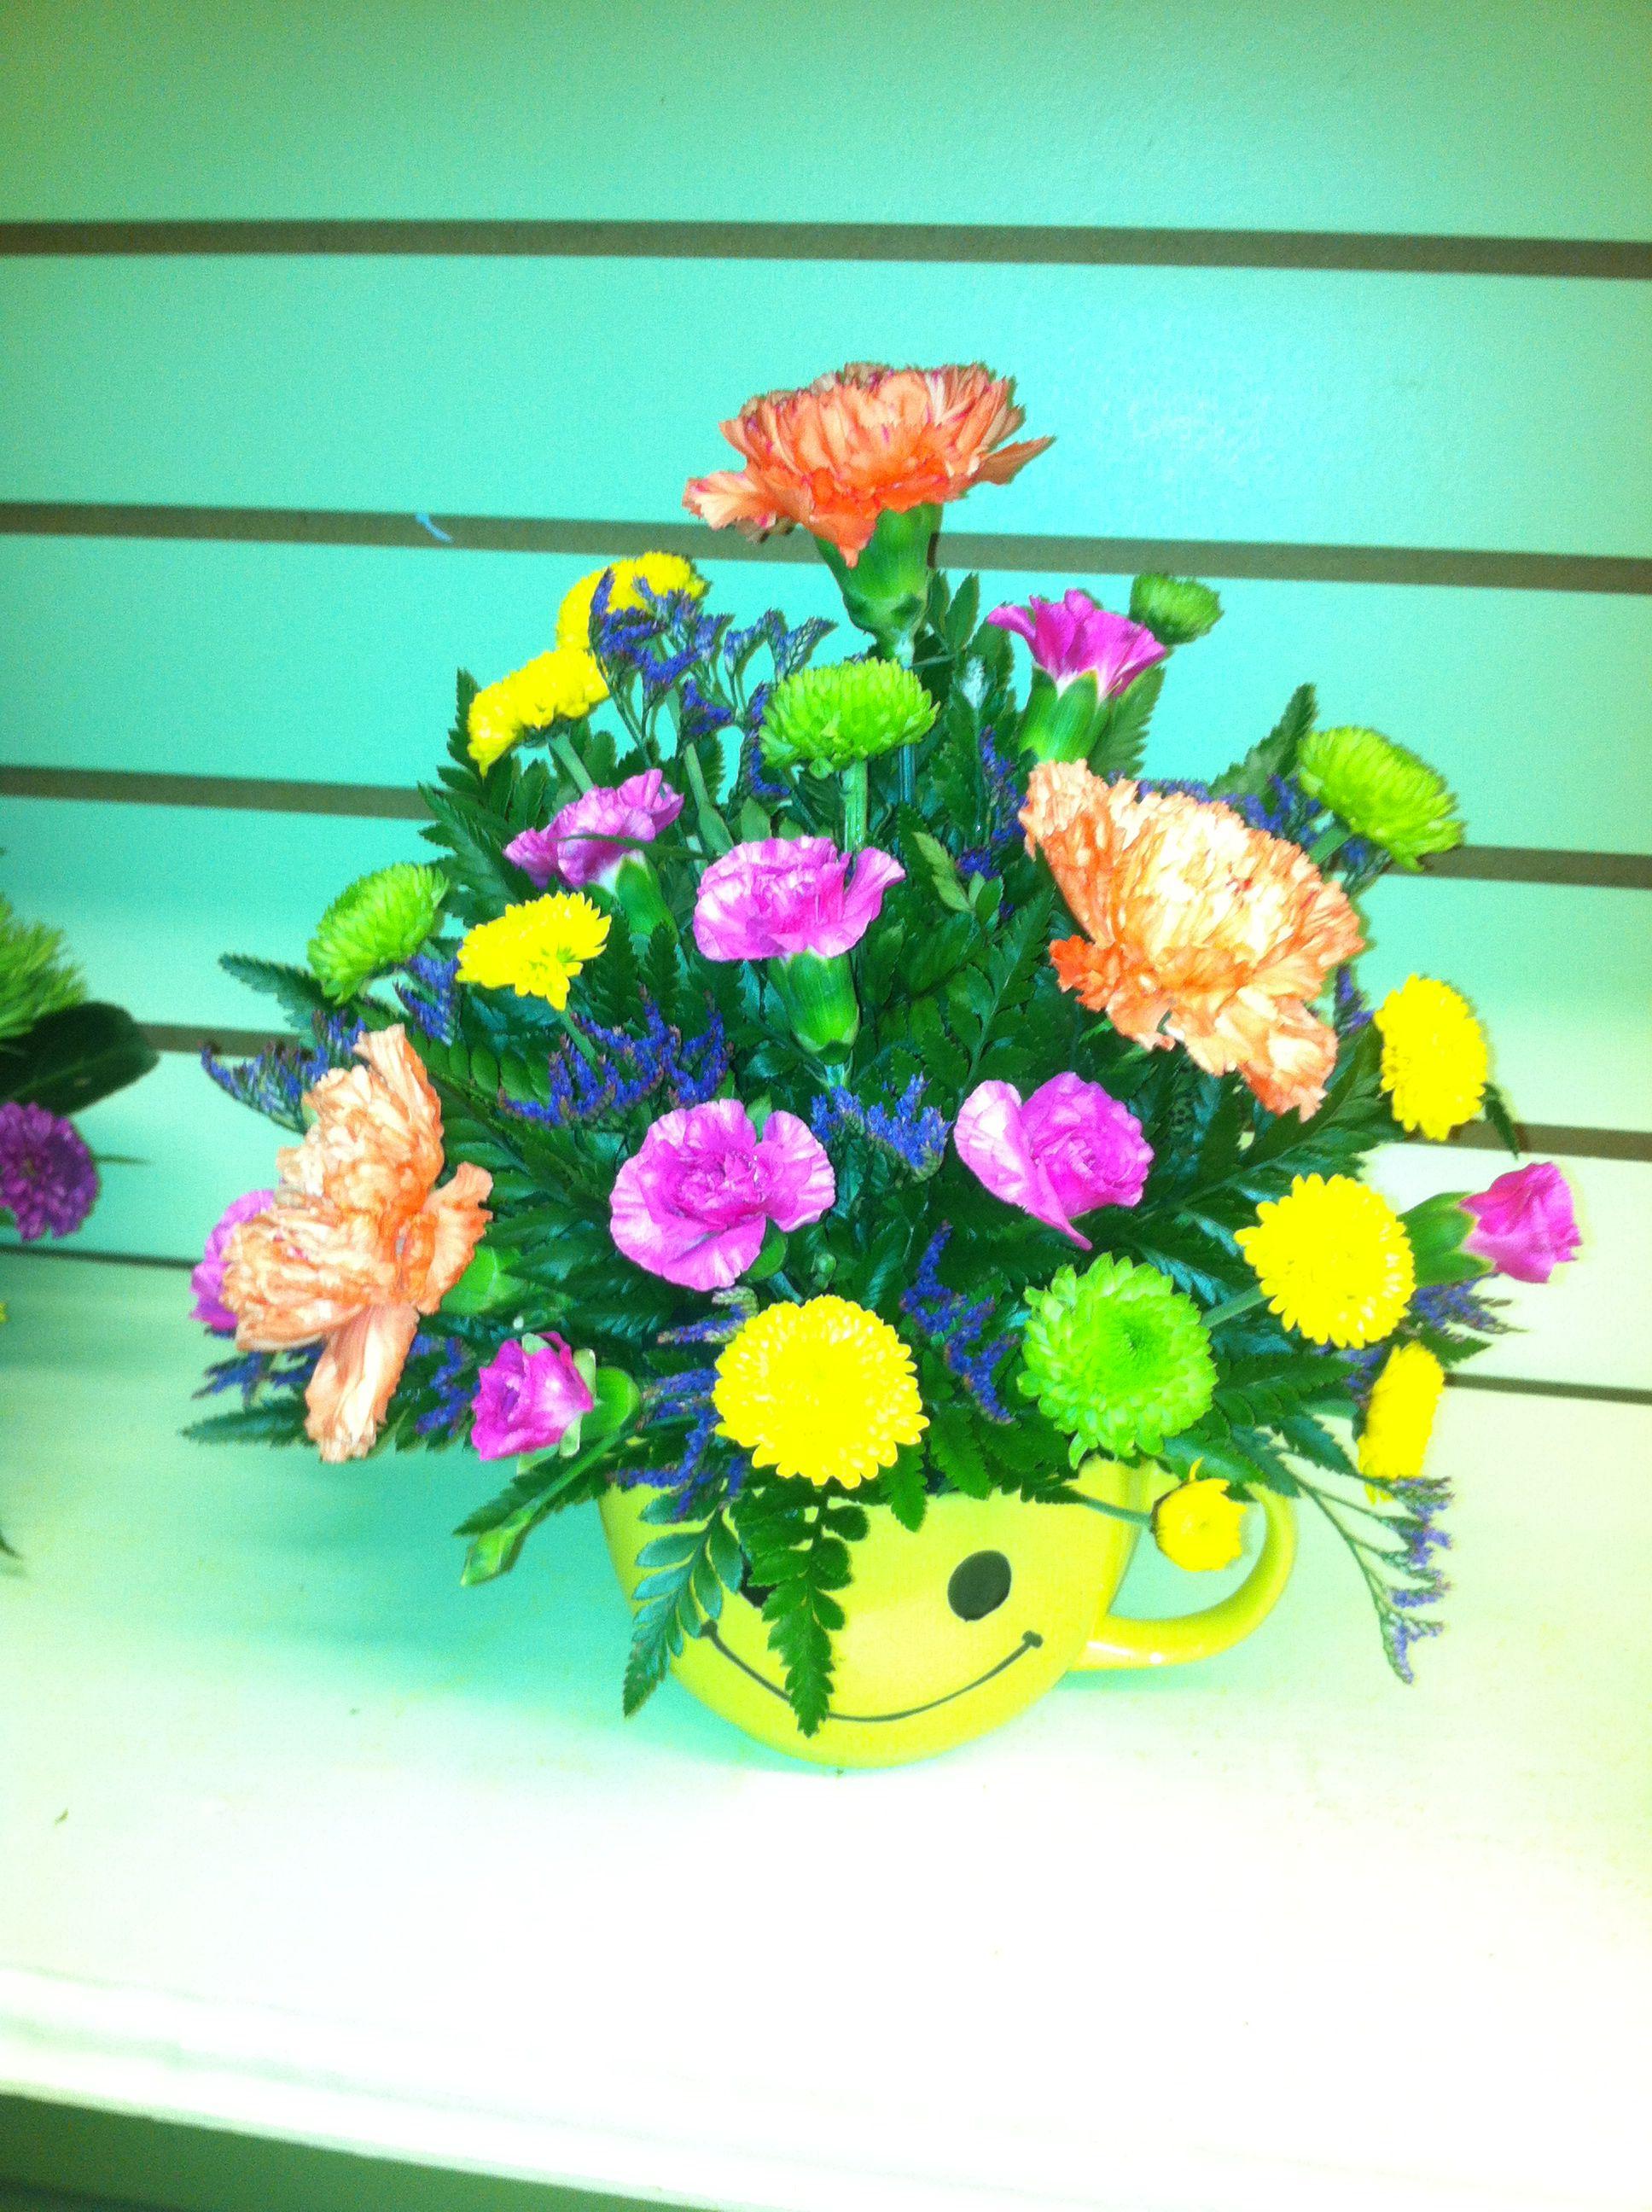 Smiley face floral arrangement floral arrangements assorted smiley face floral arrangement izmirmasajfo